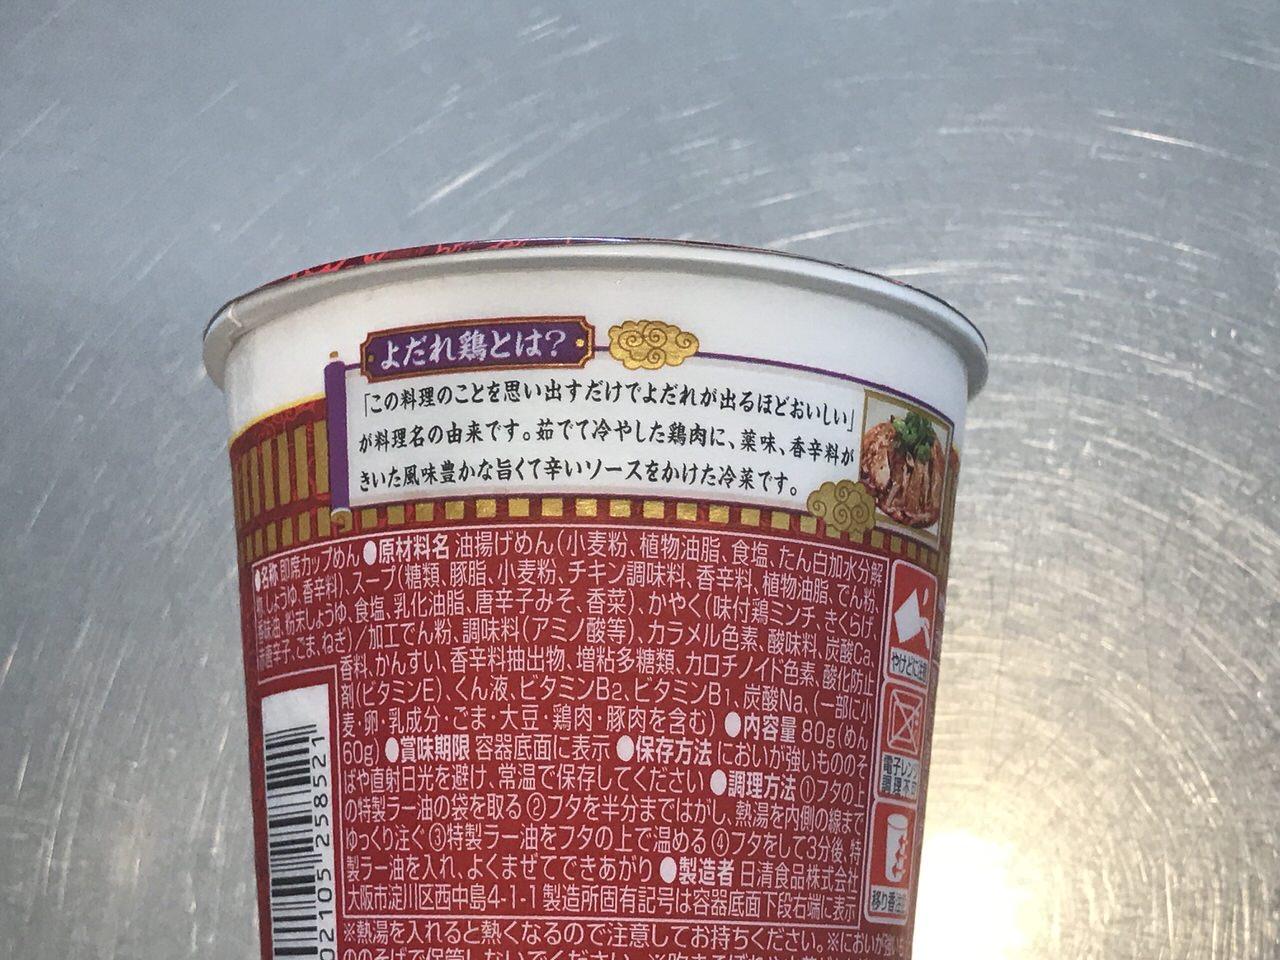 思い出すとよだれが出るほど美味しい「カップヌードル 四川麻辣よだれ鶏味」食べてみた